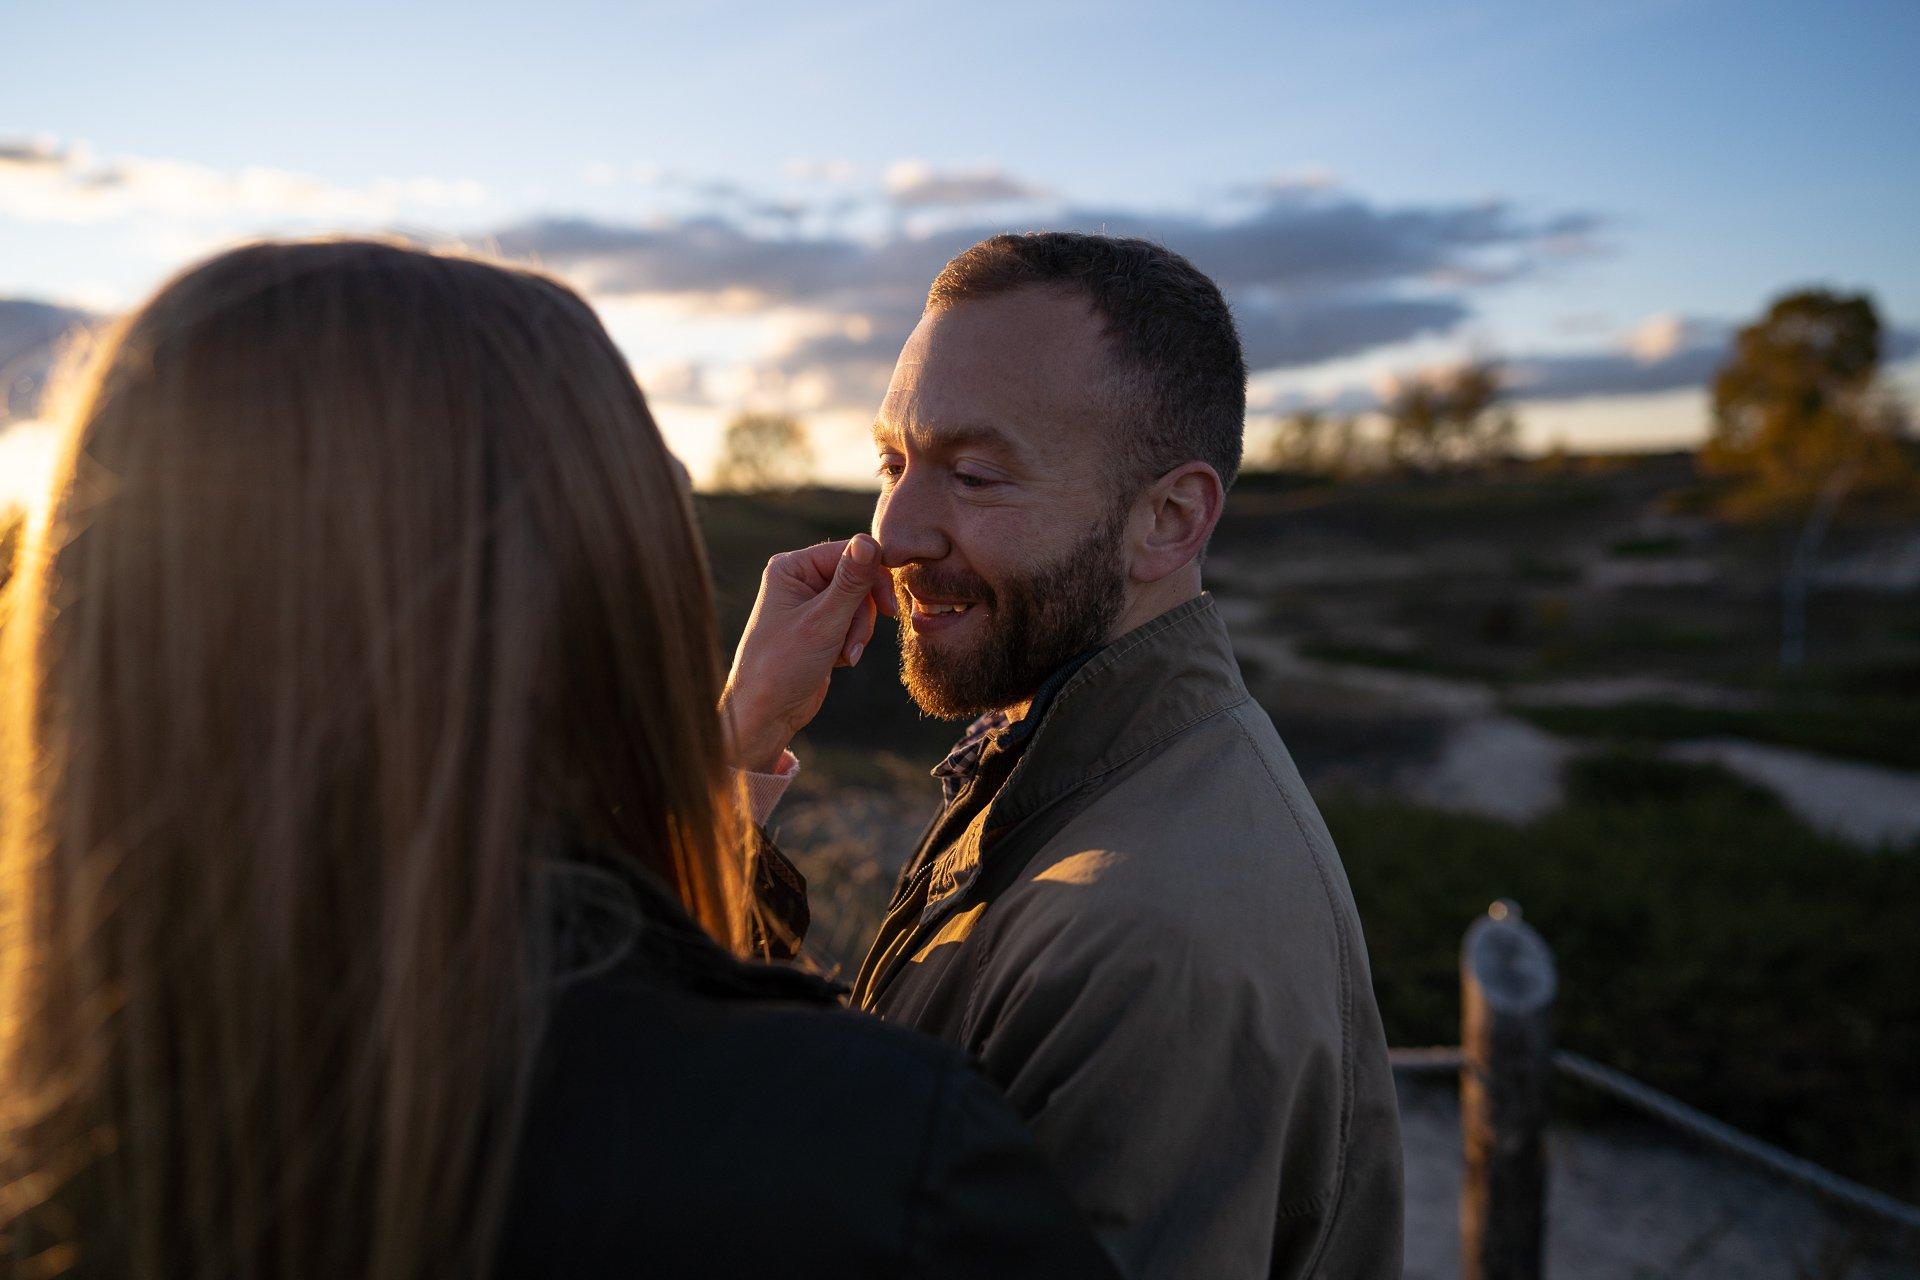 woman touching man nose